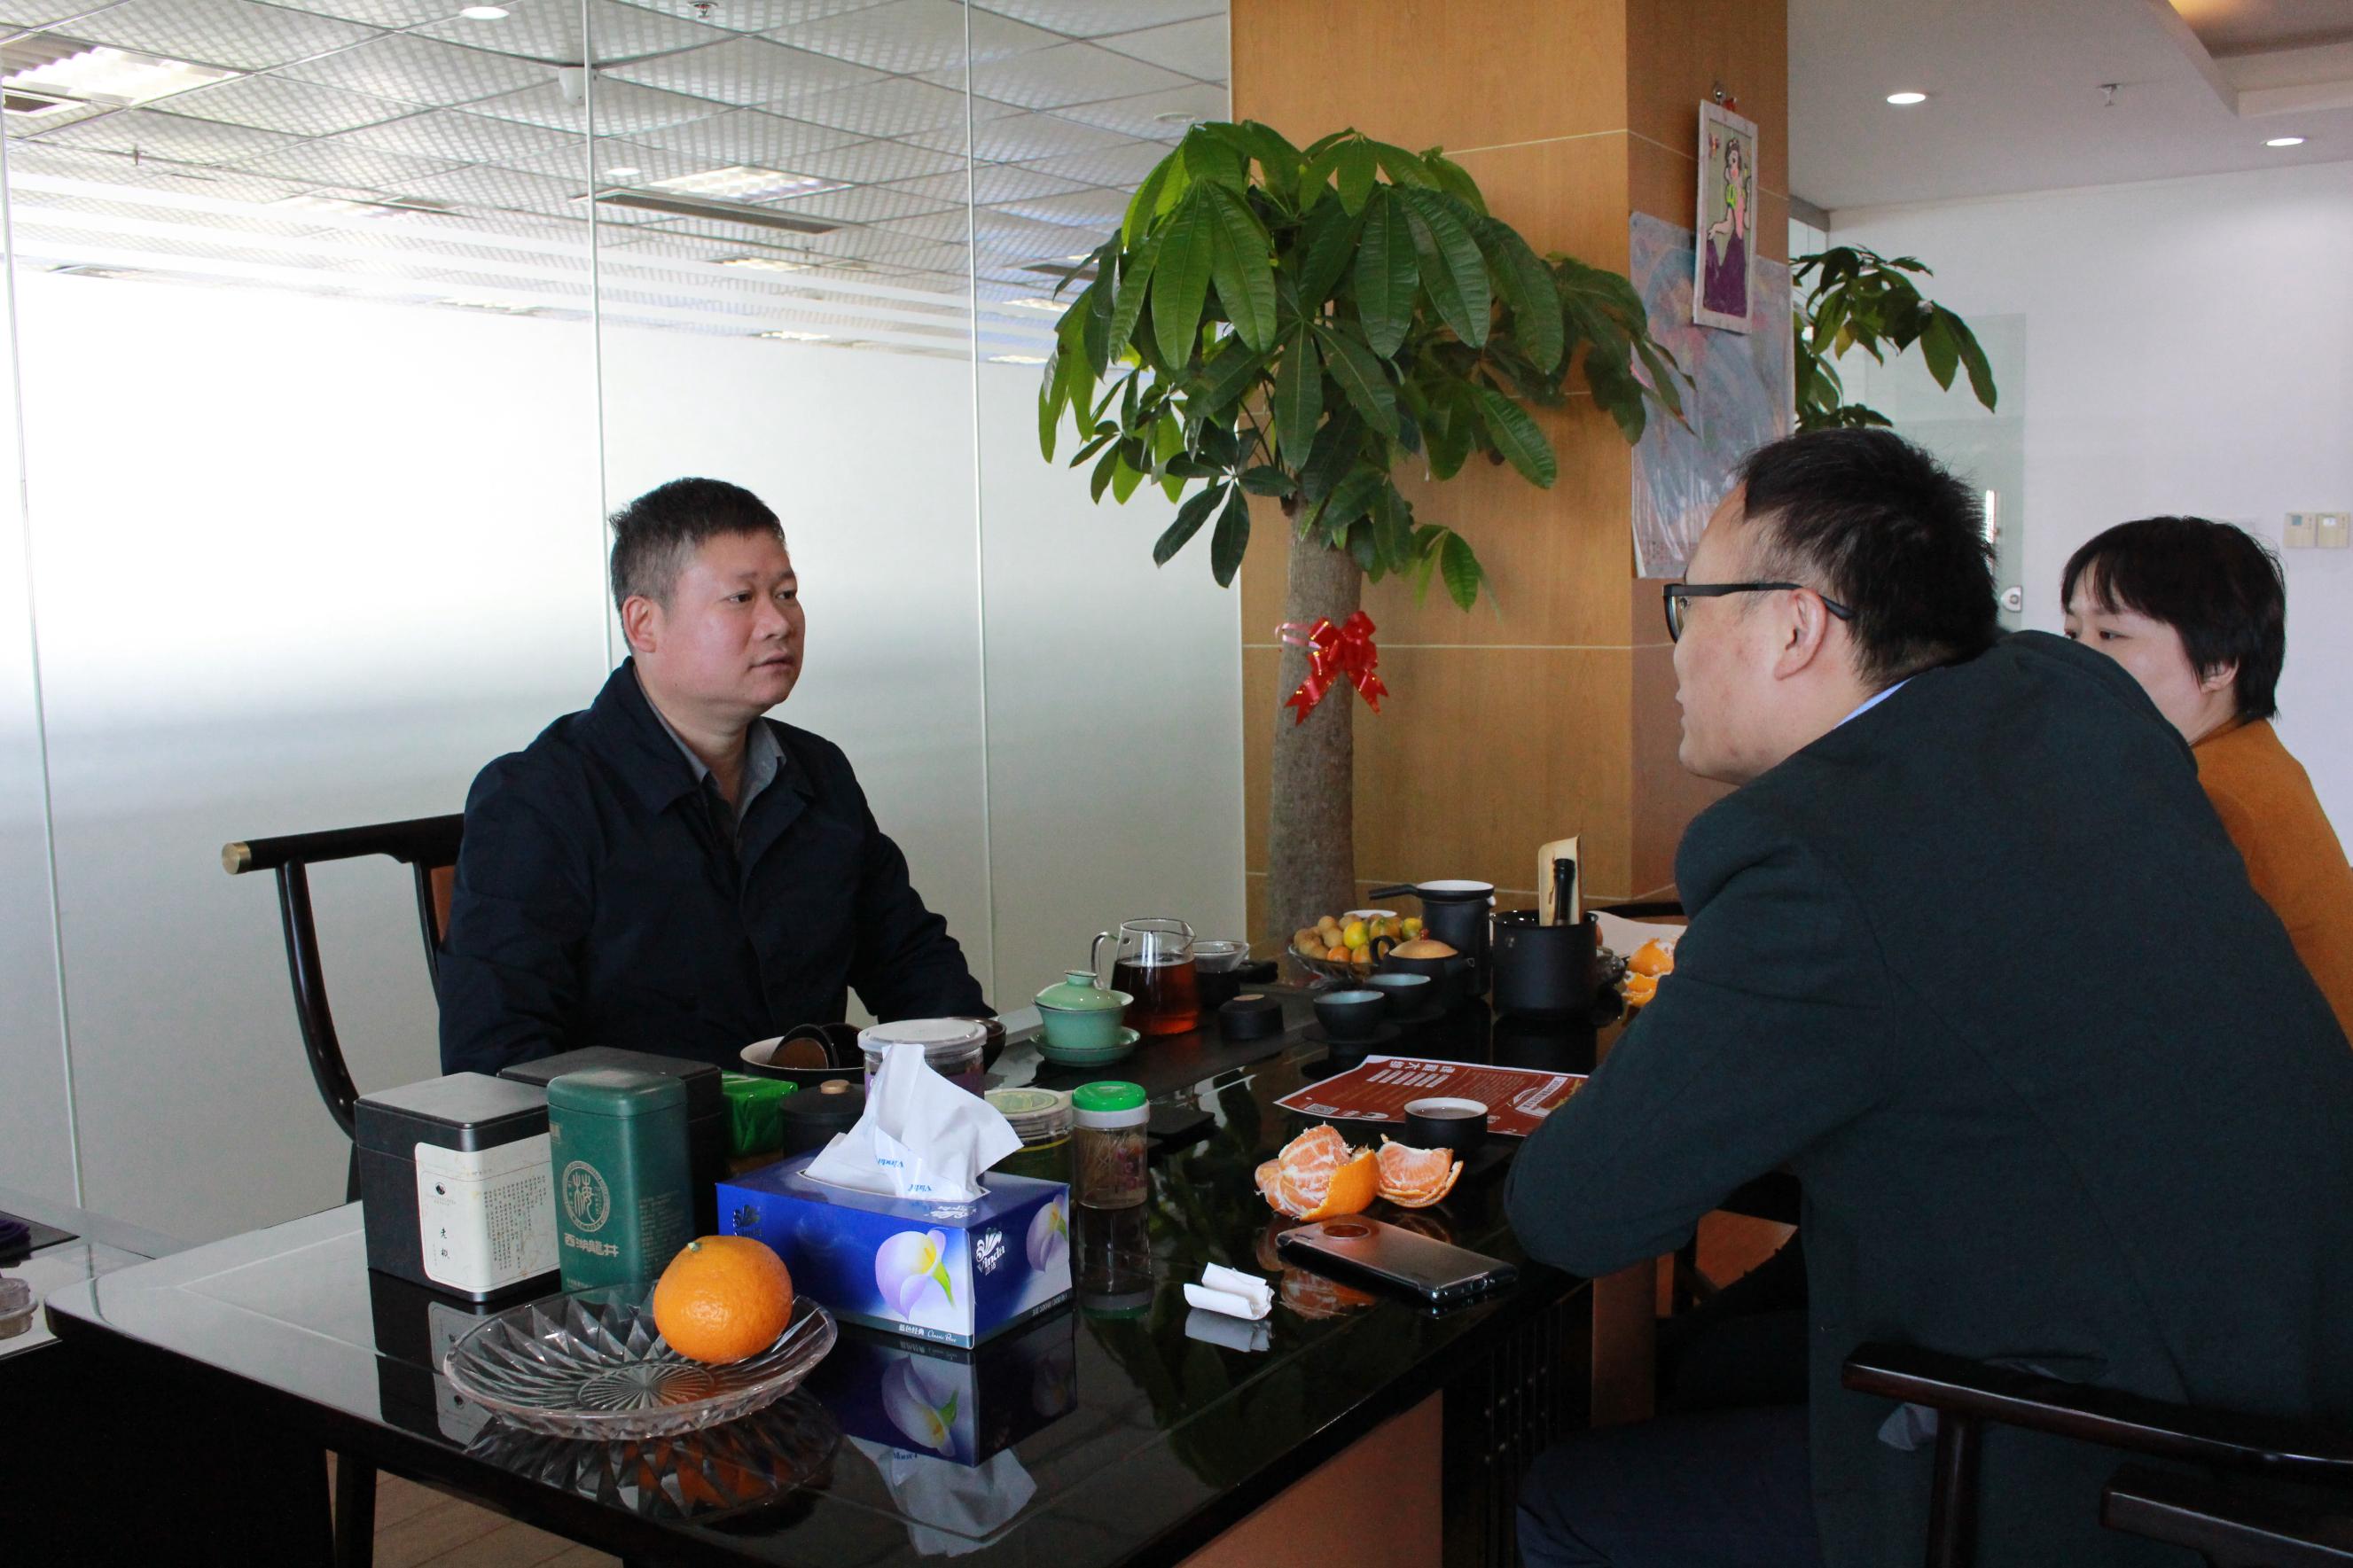 傲农集团董事长吴有林(左)          爱猪网主编兼CEO战伟交流(右)